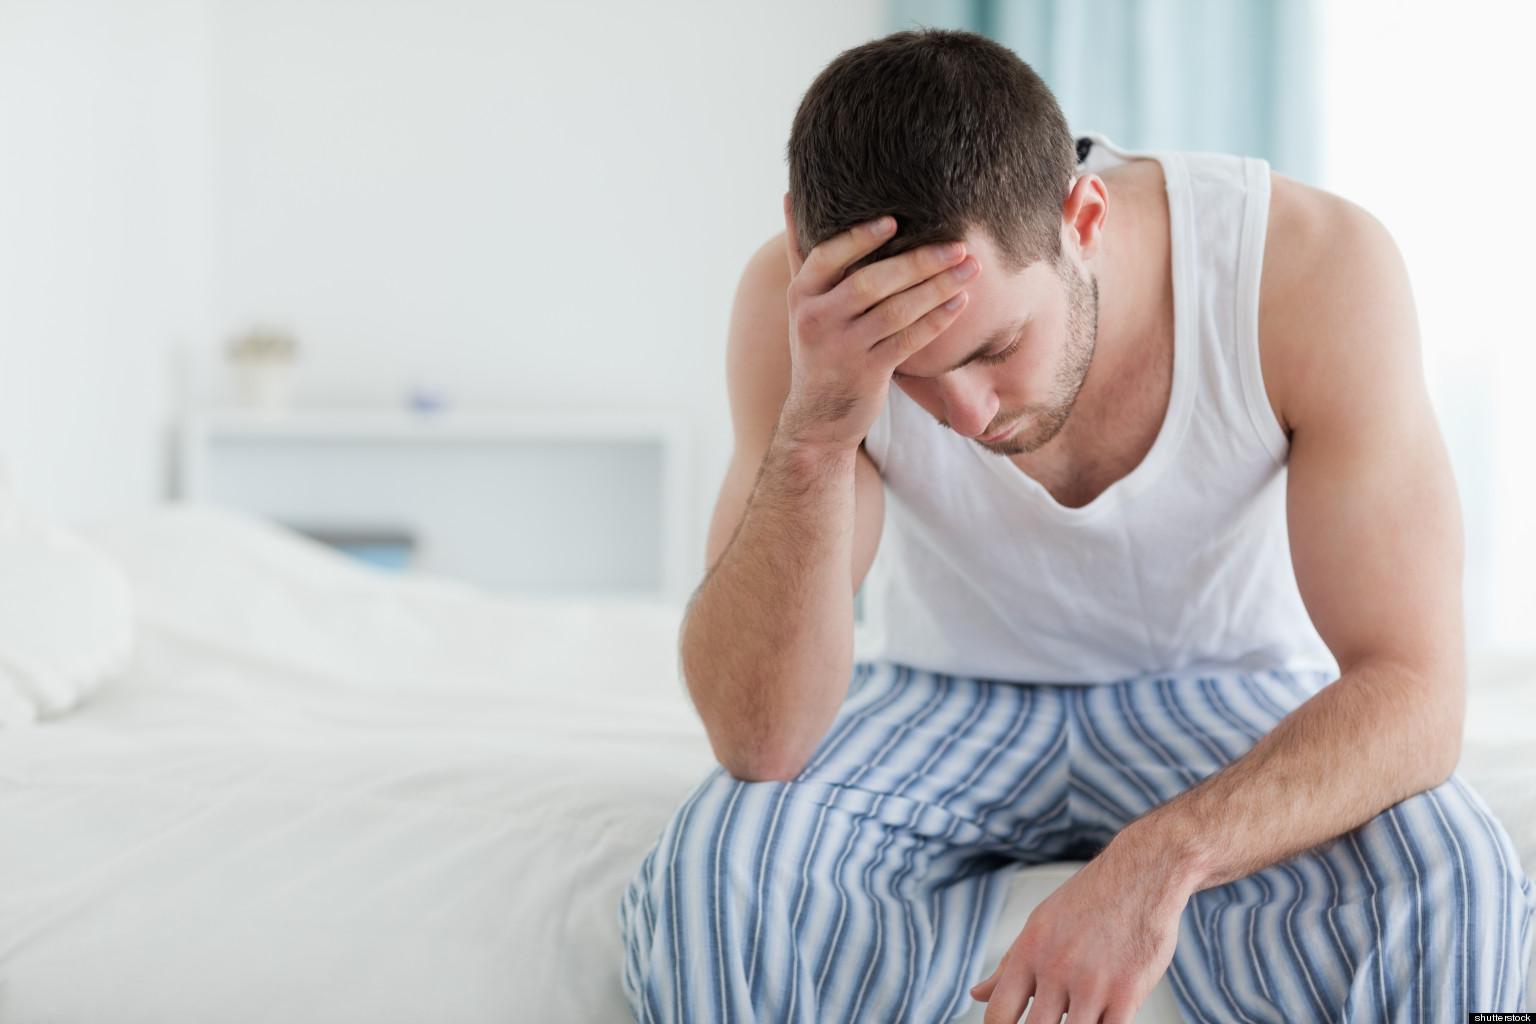 Утруднене сечовипускання у чоловіків